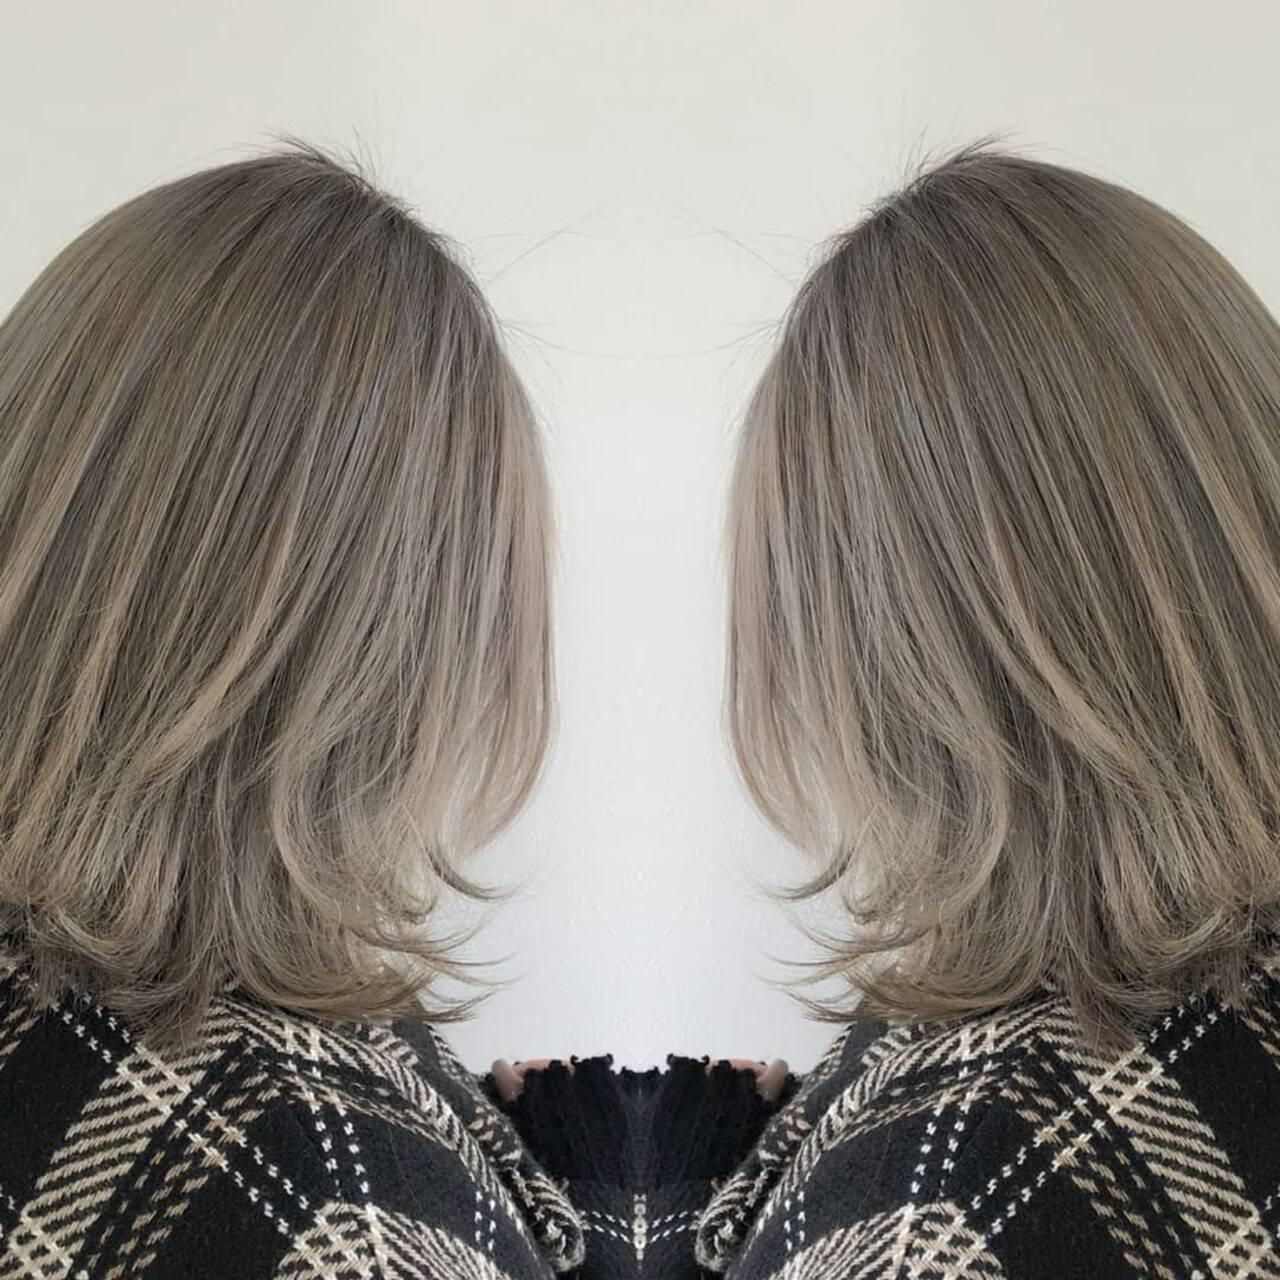 ナチュラル バレイヤージュ ミルクティーベージュ バックコーミングヘアスタイルや髪型の写真・画像